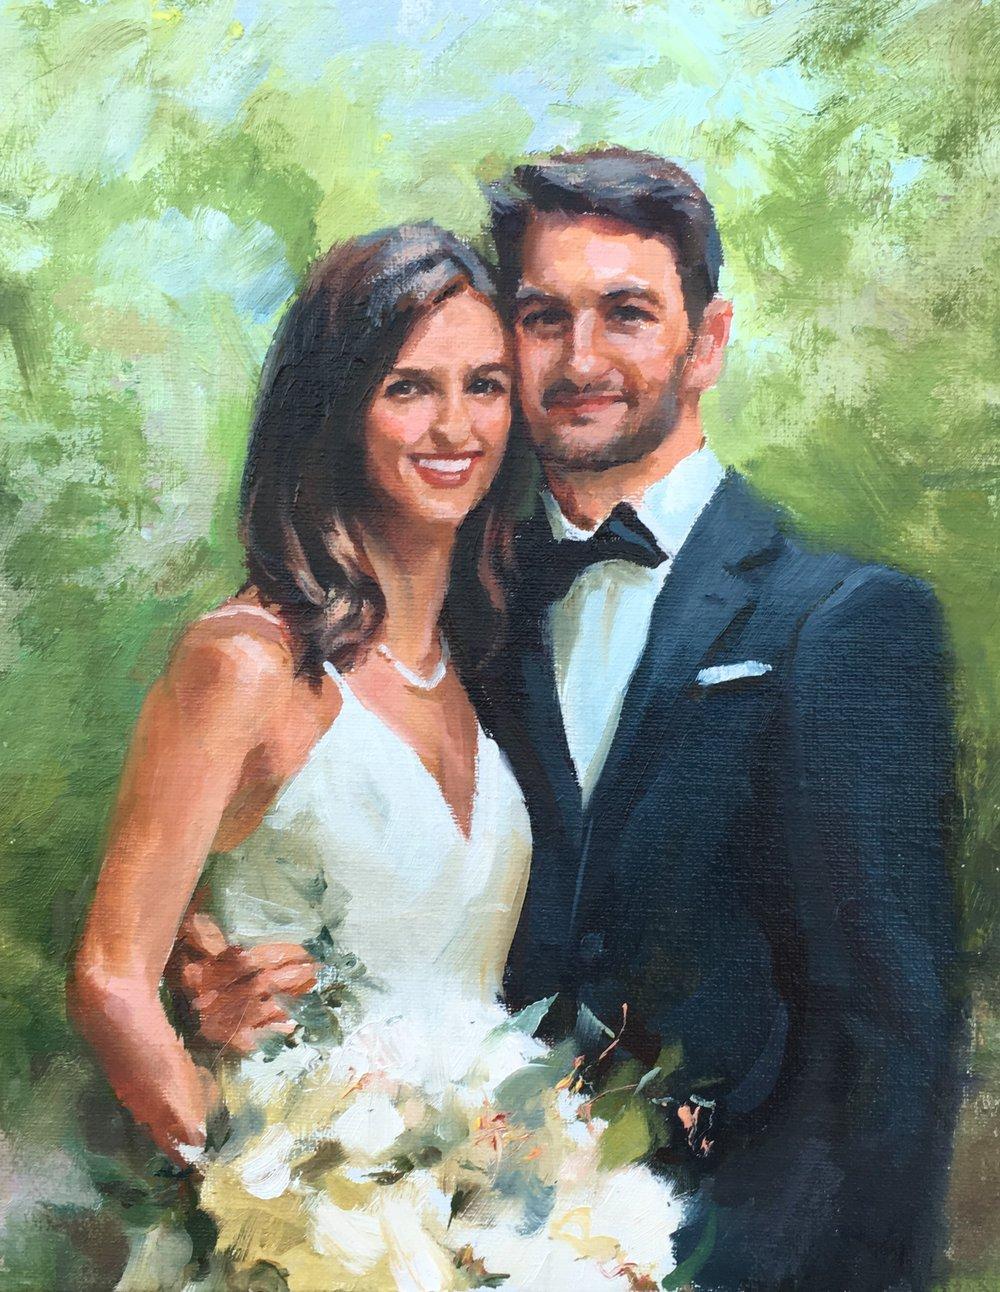 Johns daughters wedding painting.jpg